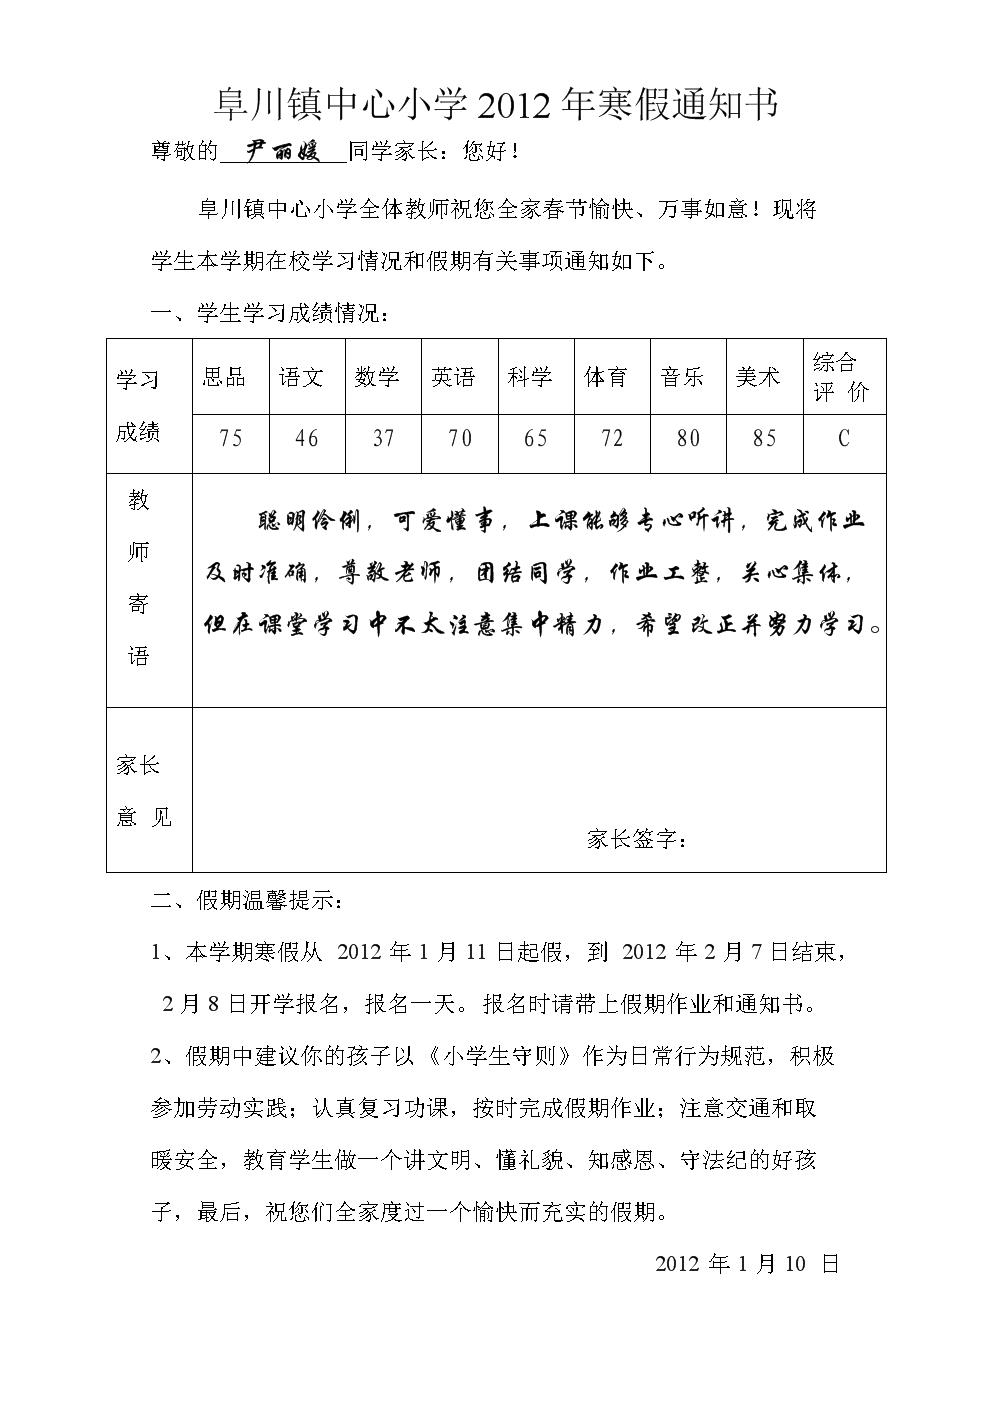 阜川镇中心小学012年寒假通知书.doc文明小学生绘画图片